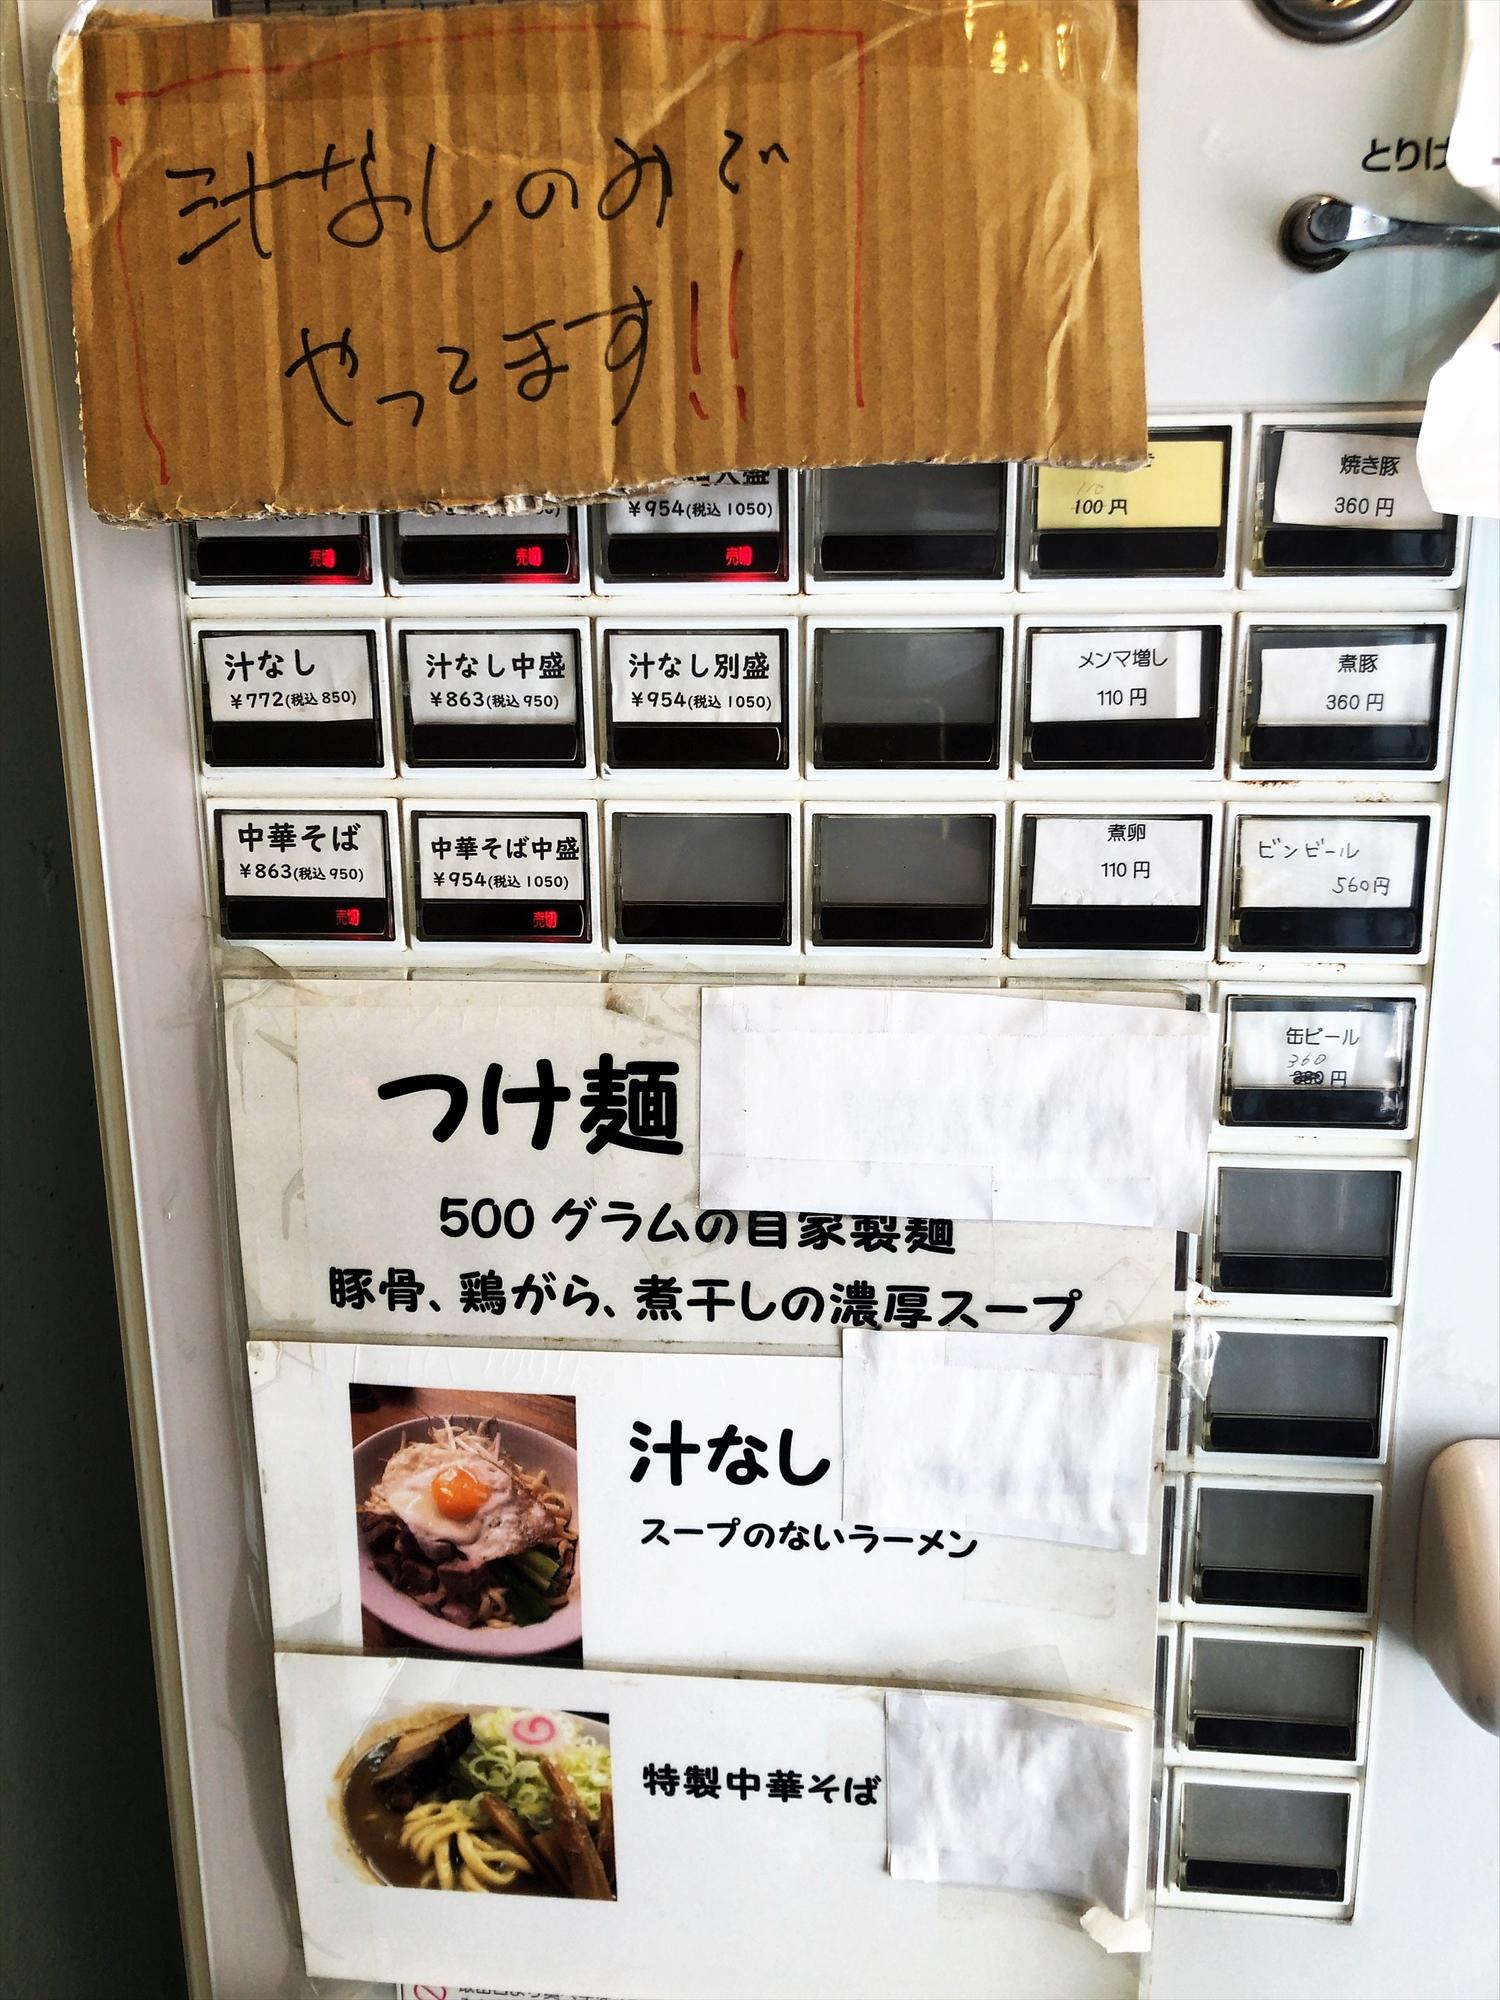 つけ麺汁なし専門 Rの券売機